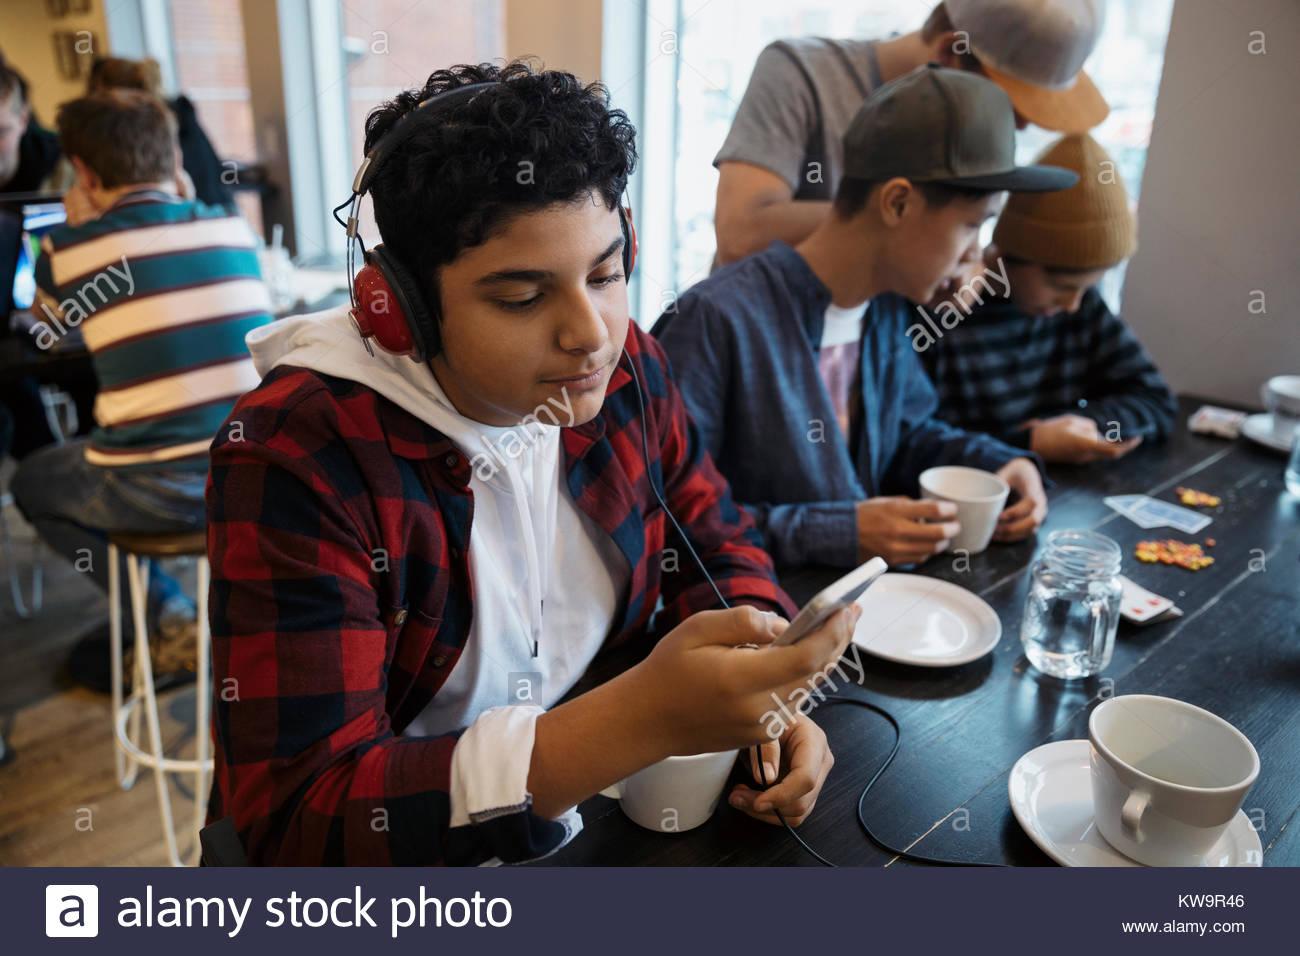 Medio Oriente tween boy con le cuffie per ascoltare musica con smart phone al cafe tabella Immagini Stock